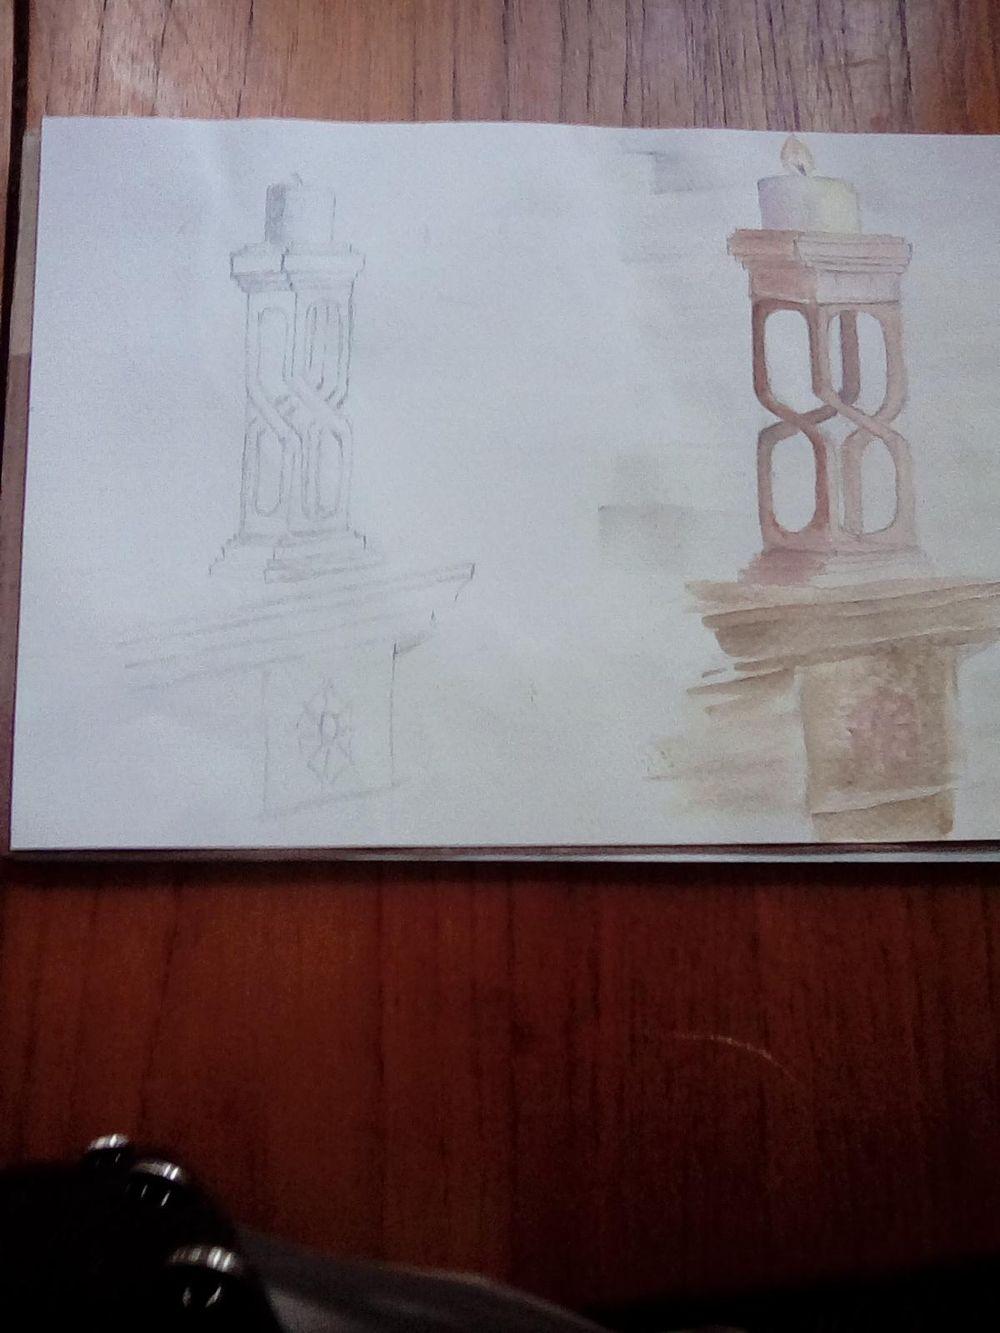 Sketchbook - image 4 - student project